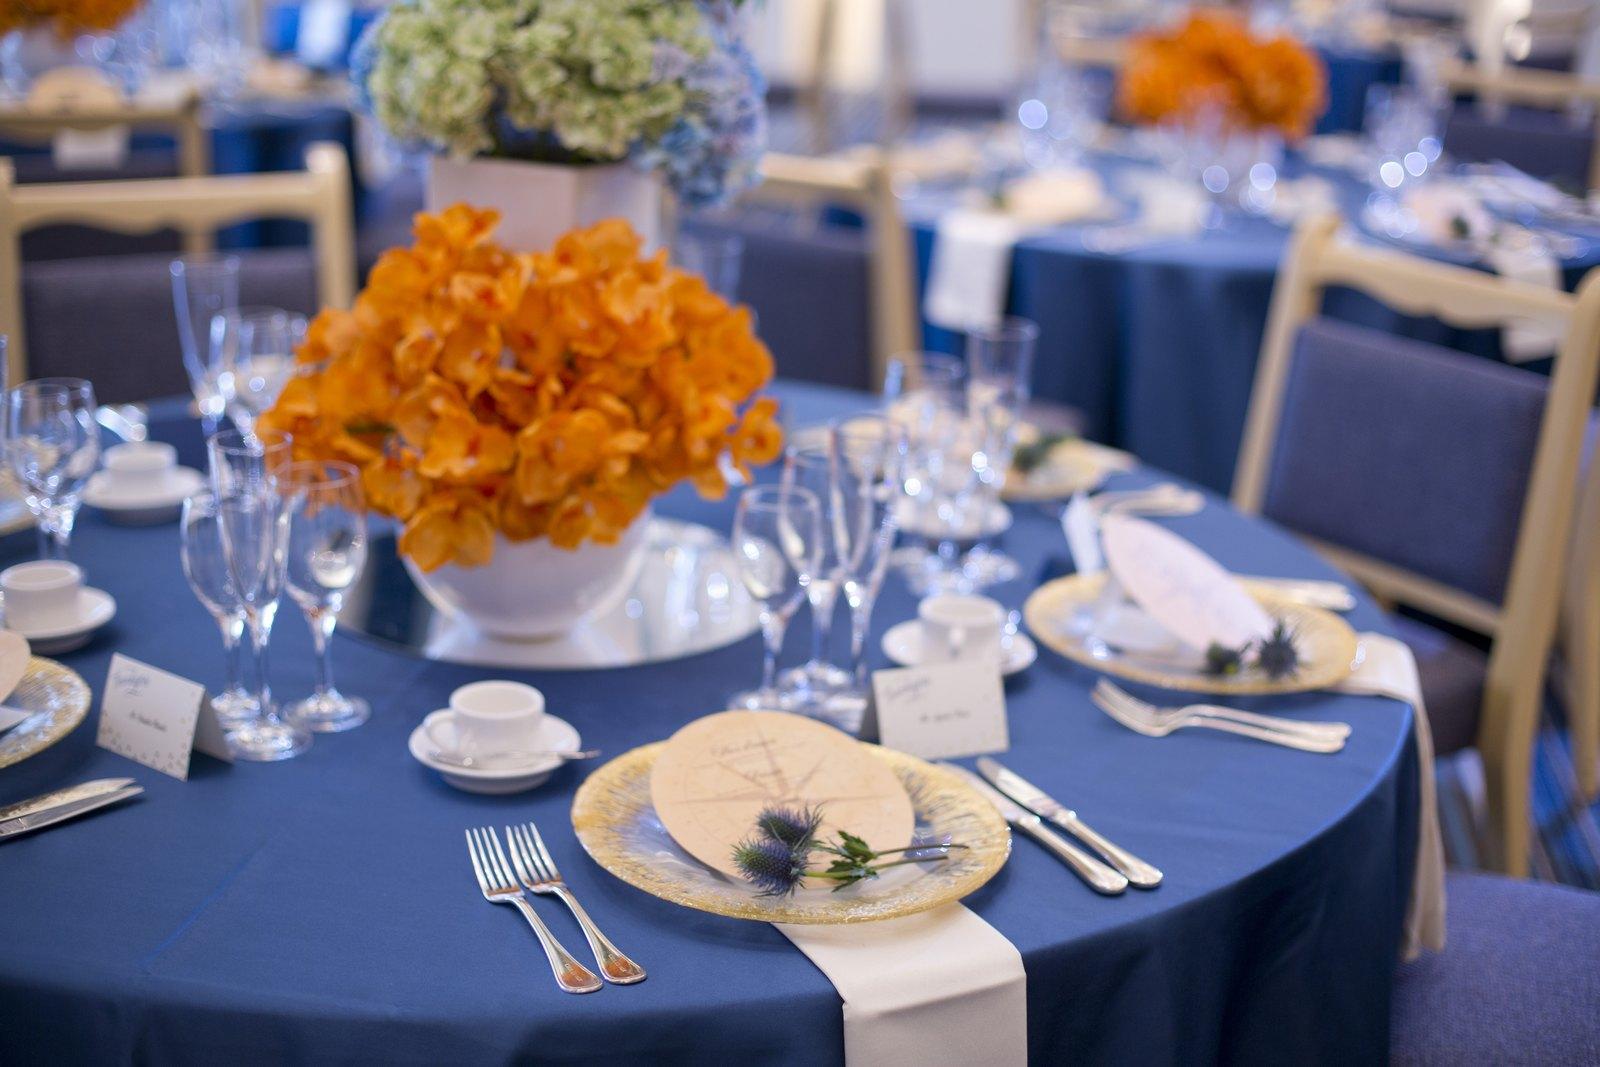 香川県の結婚式場シェルエメールのグラデートのテーブルコーディネート